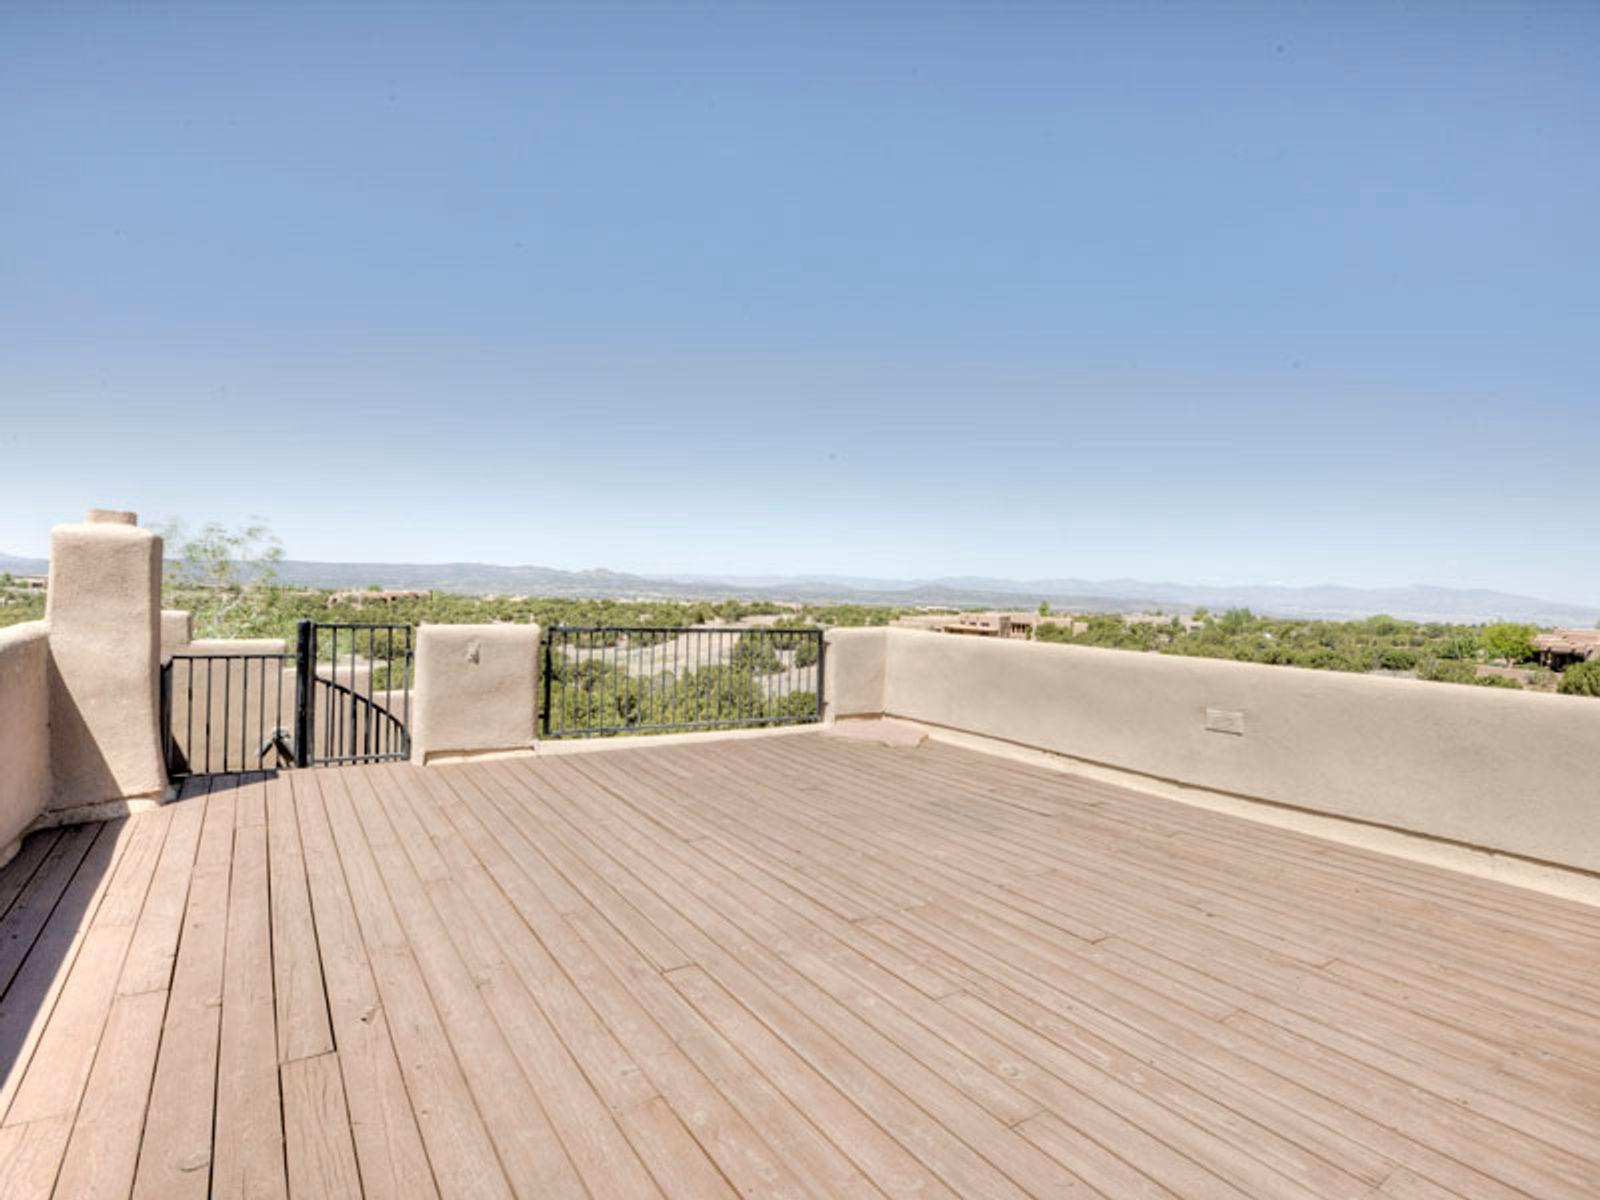 Impressive observation deck...